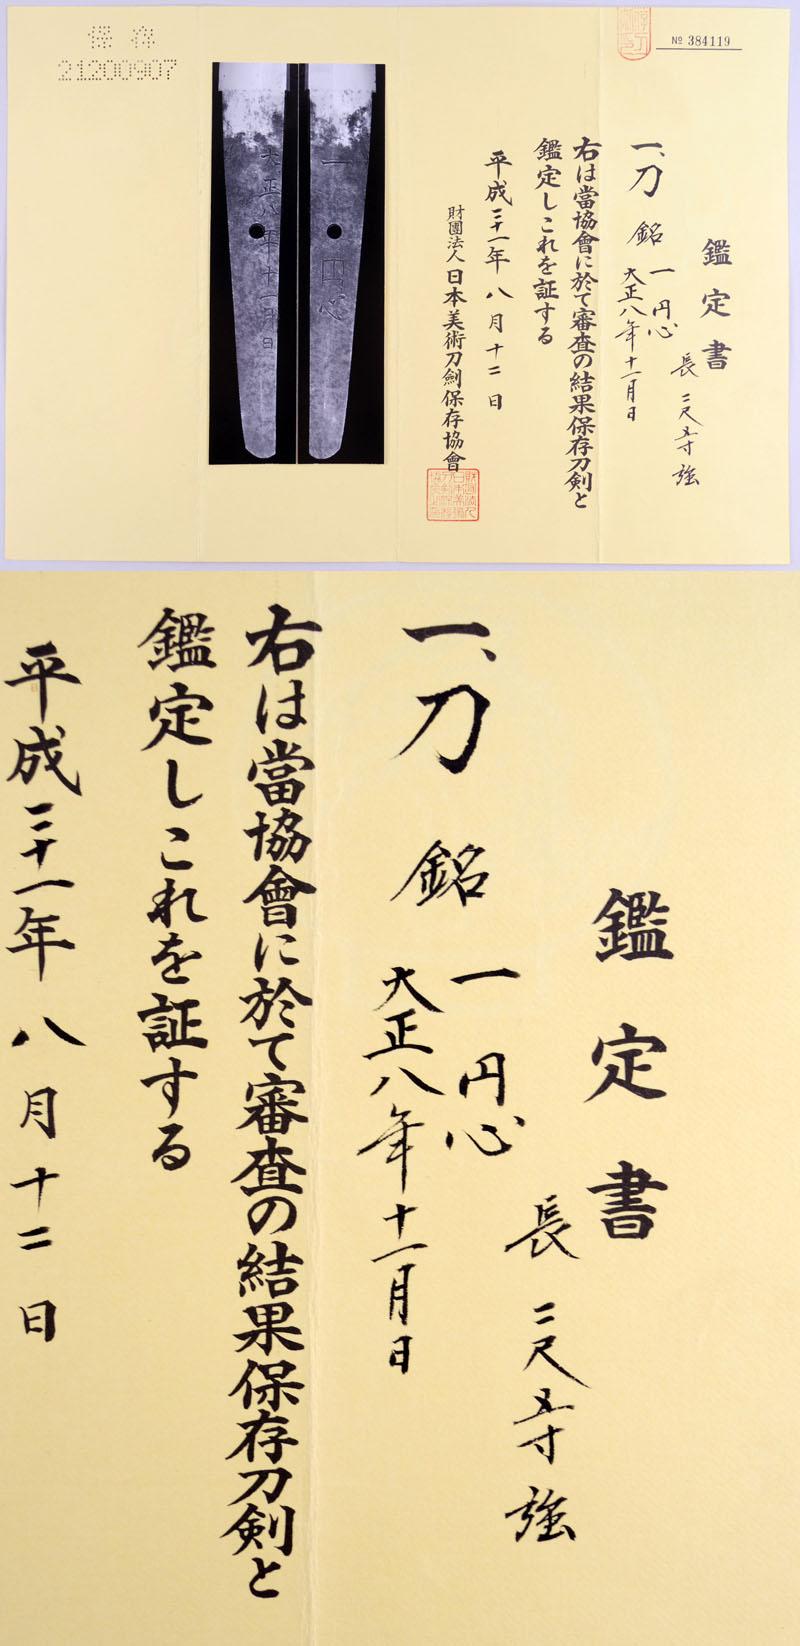 一 円心(太刀銘)(羽山円真の子) Picture of Certificate